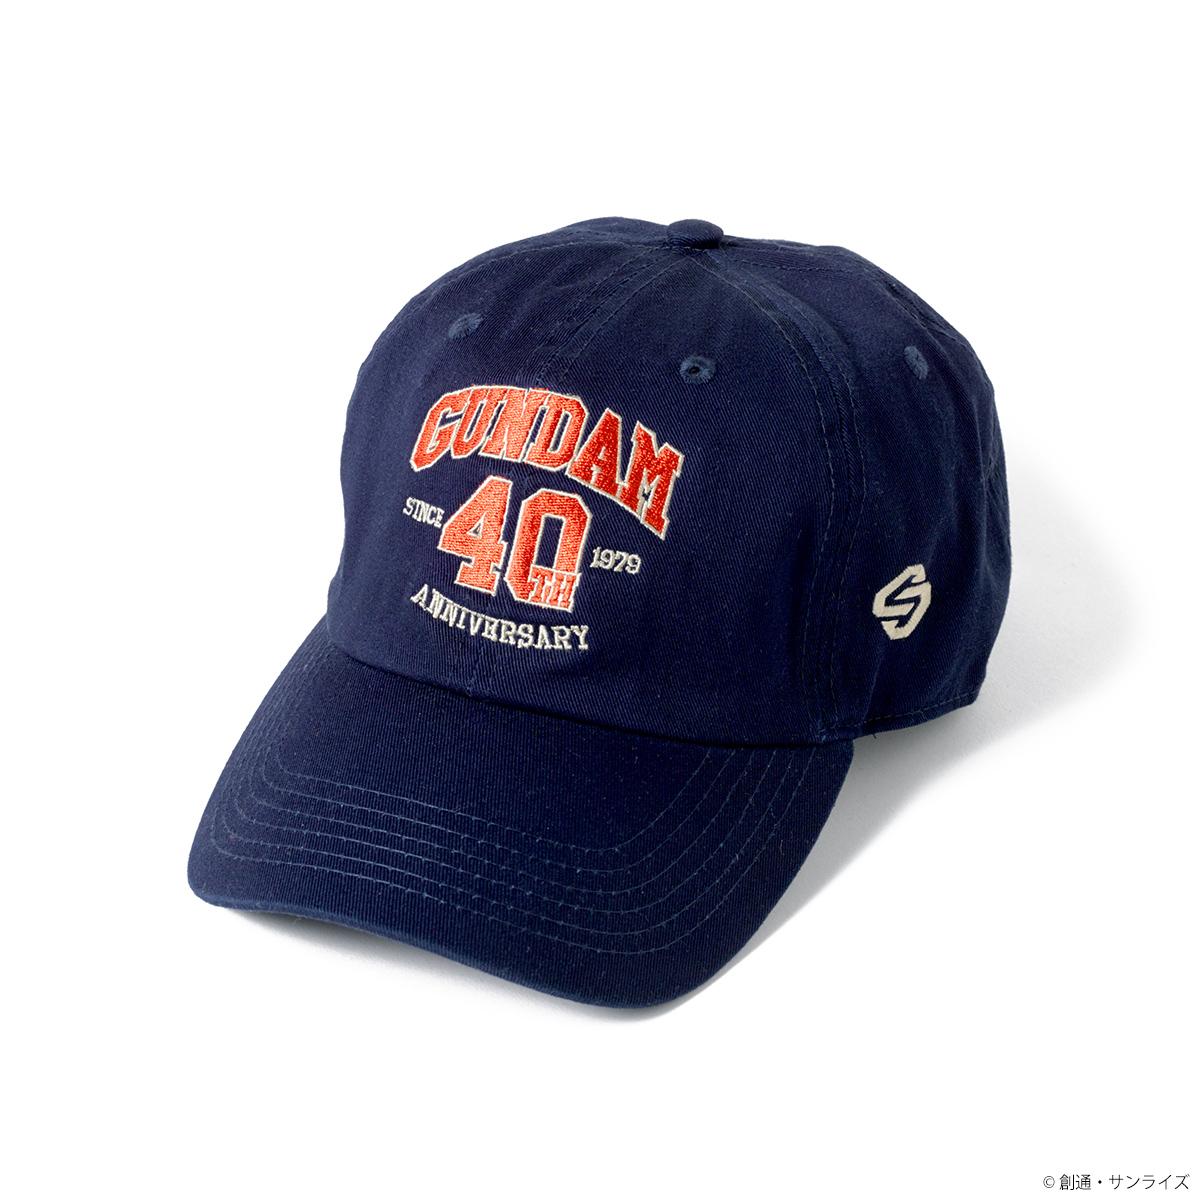 『機動戦士ガンダム』40周年記念ベースボールcap ガンダム